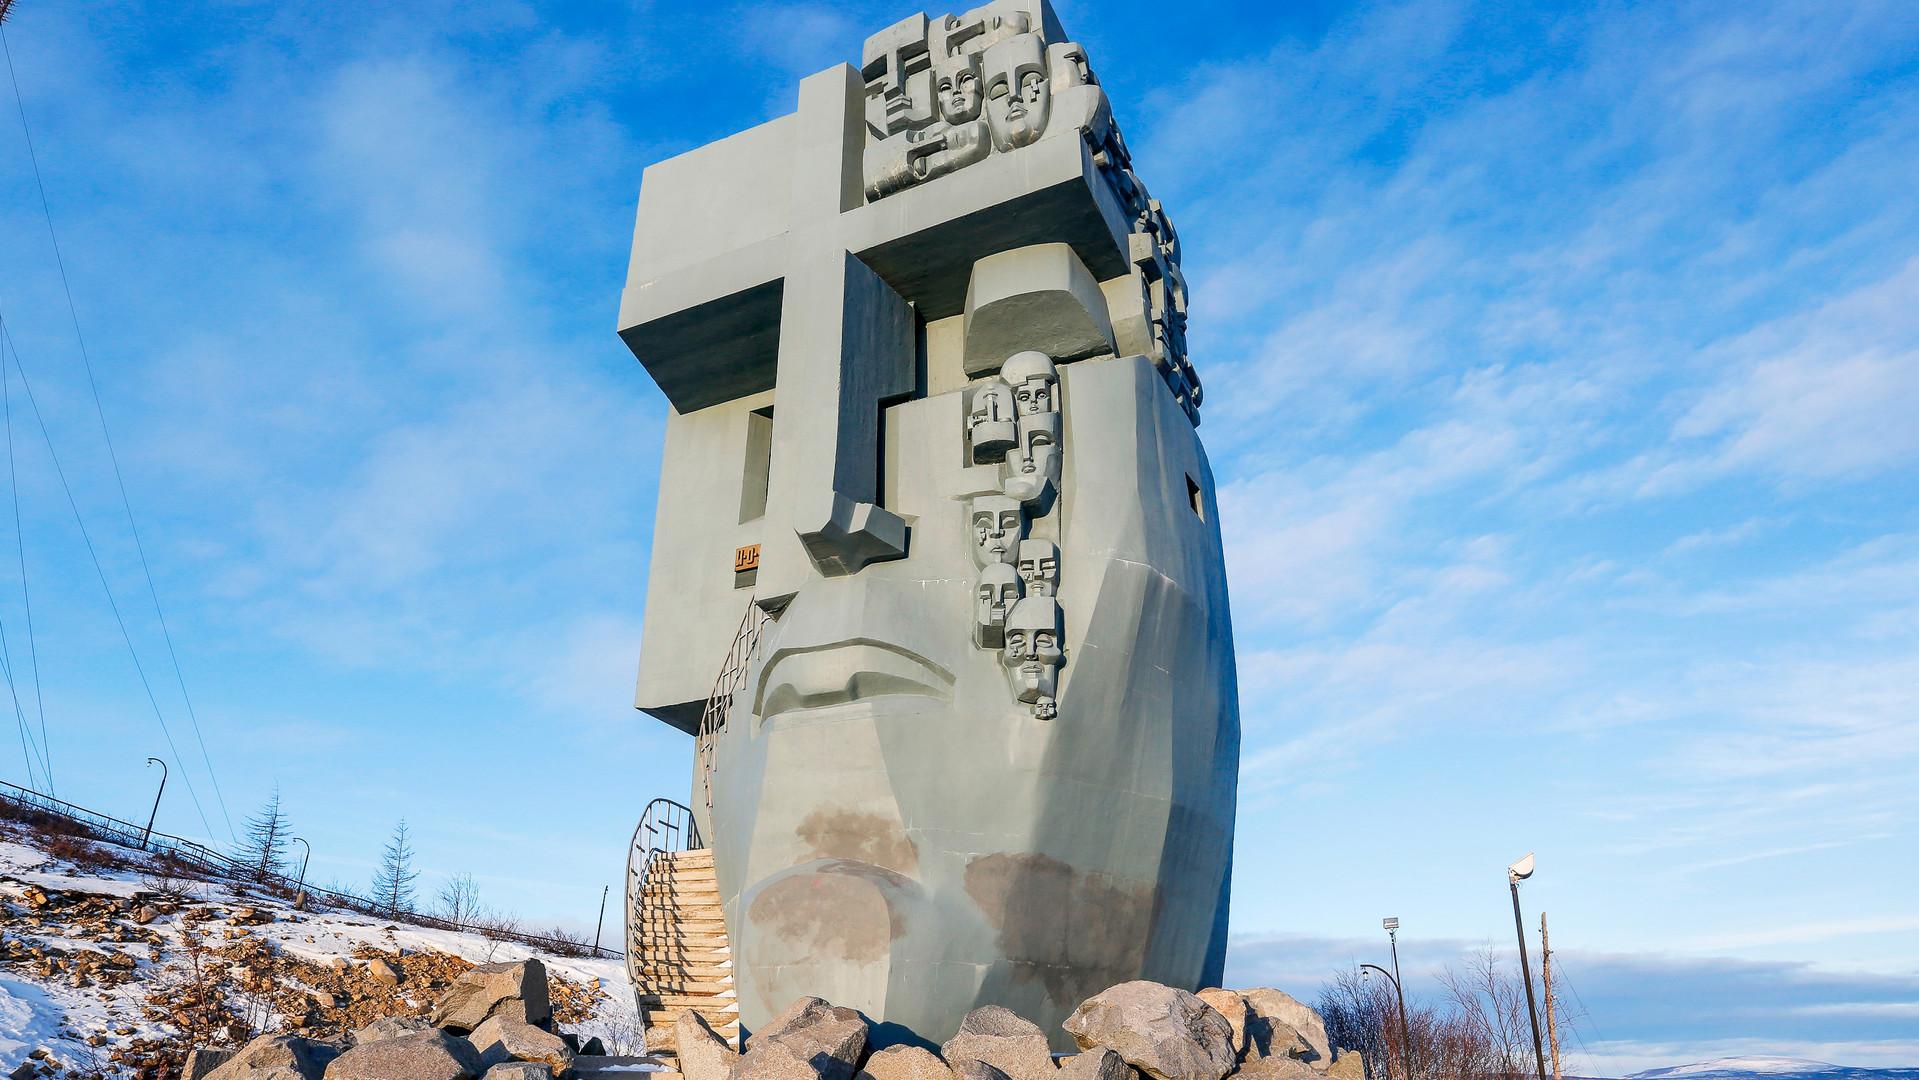 Memorial Máscara da Tristeza homenageia vítimas da repressão política